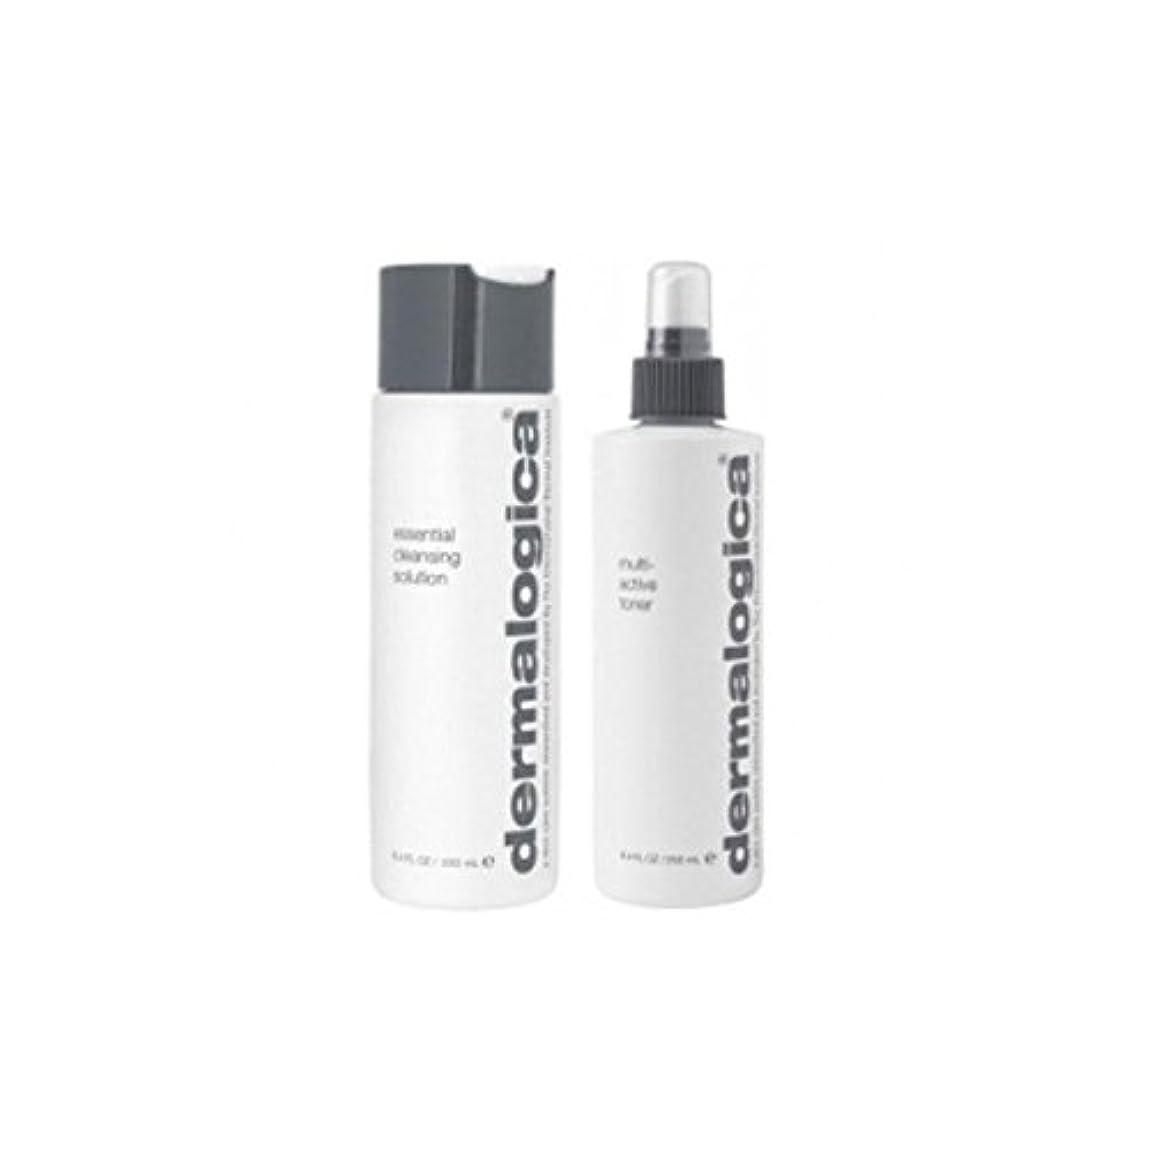 接続詞輝くペチュランスDermalogica Cleanse & Tone Duo - Dry Skin - ダーマロジカクレンジング&トーンデュオ - 乾燥肌 [並行輸入品]